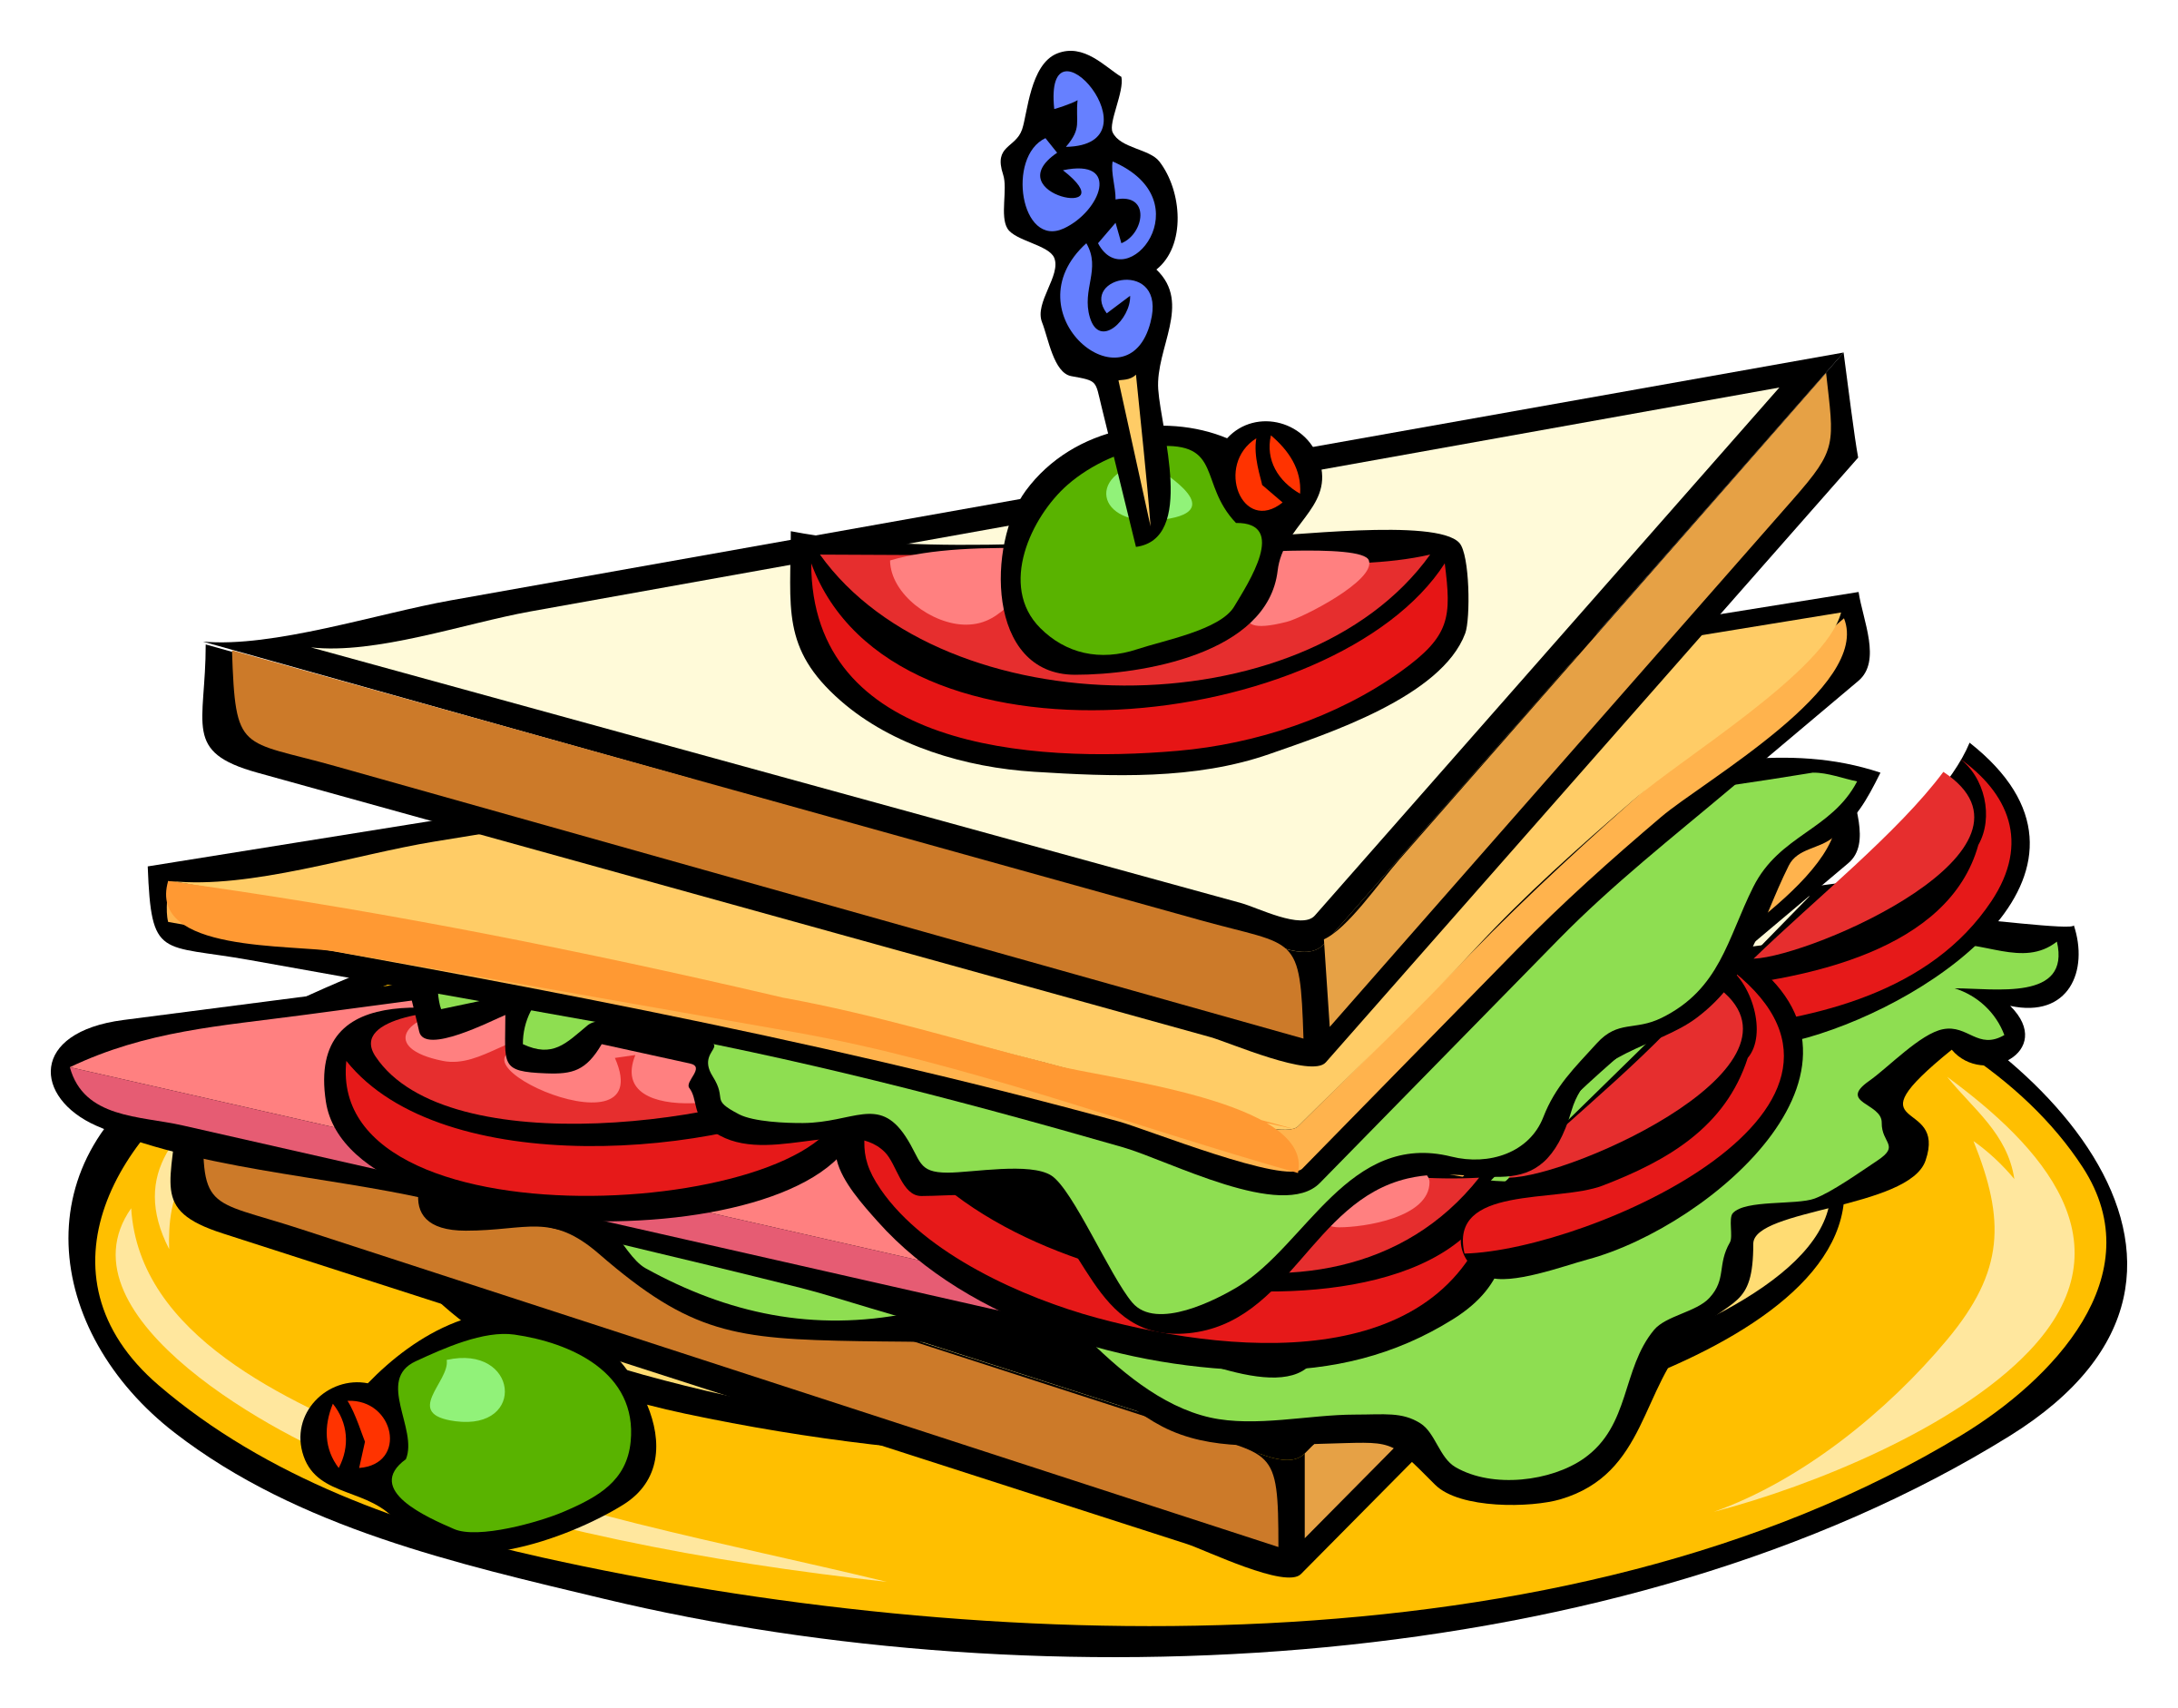 Peanut Butter Sandwich Clipart